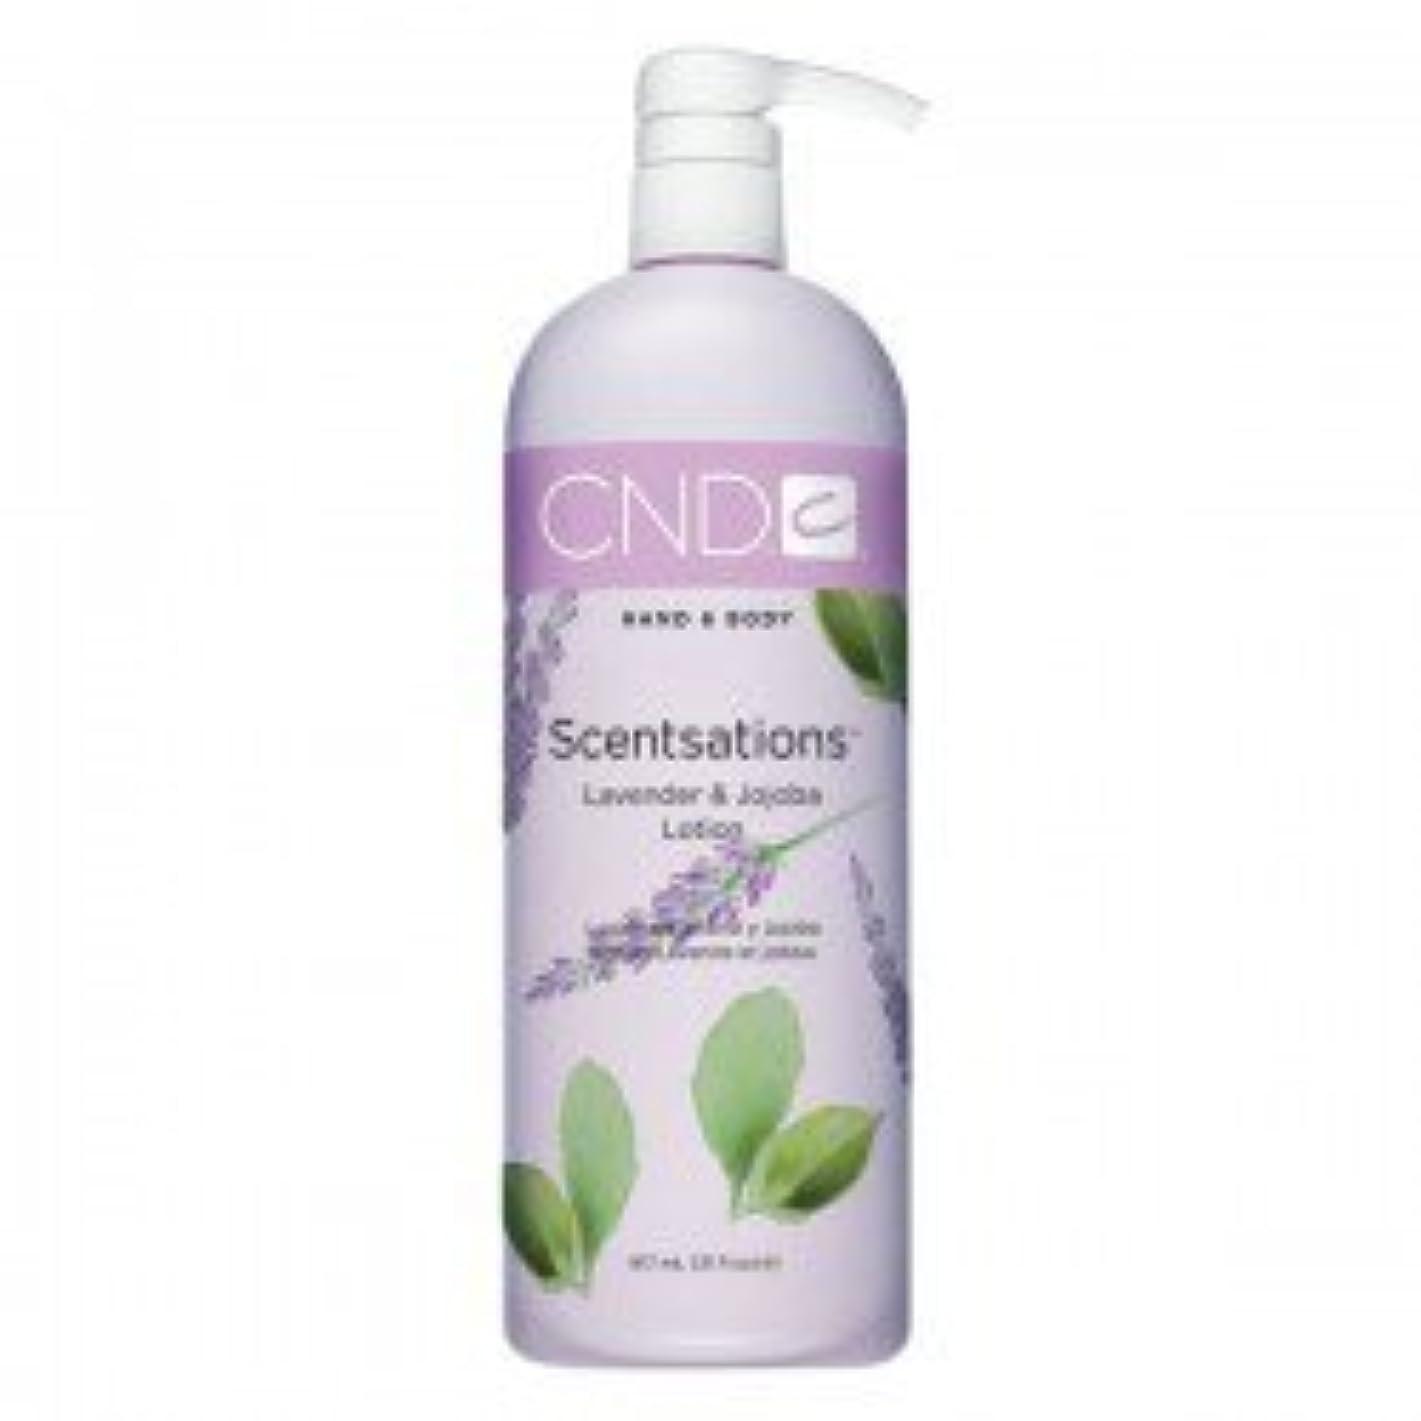 公爵重大次CND Scentsations Lavender & Jojoba Hand & Body Lotion - 33oz by Creative Nail [並行輸入品]